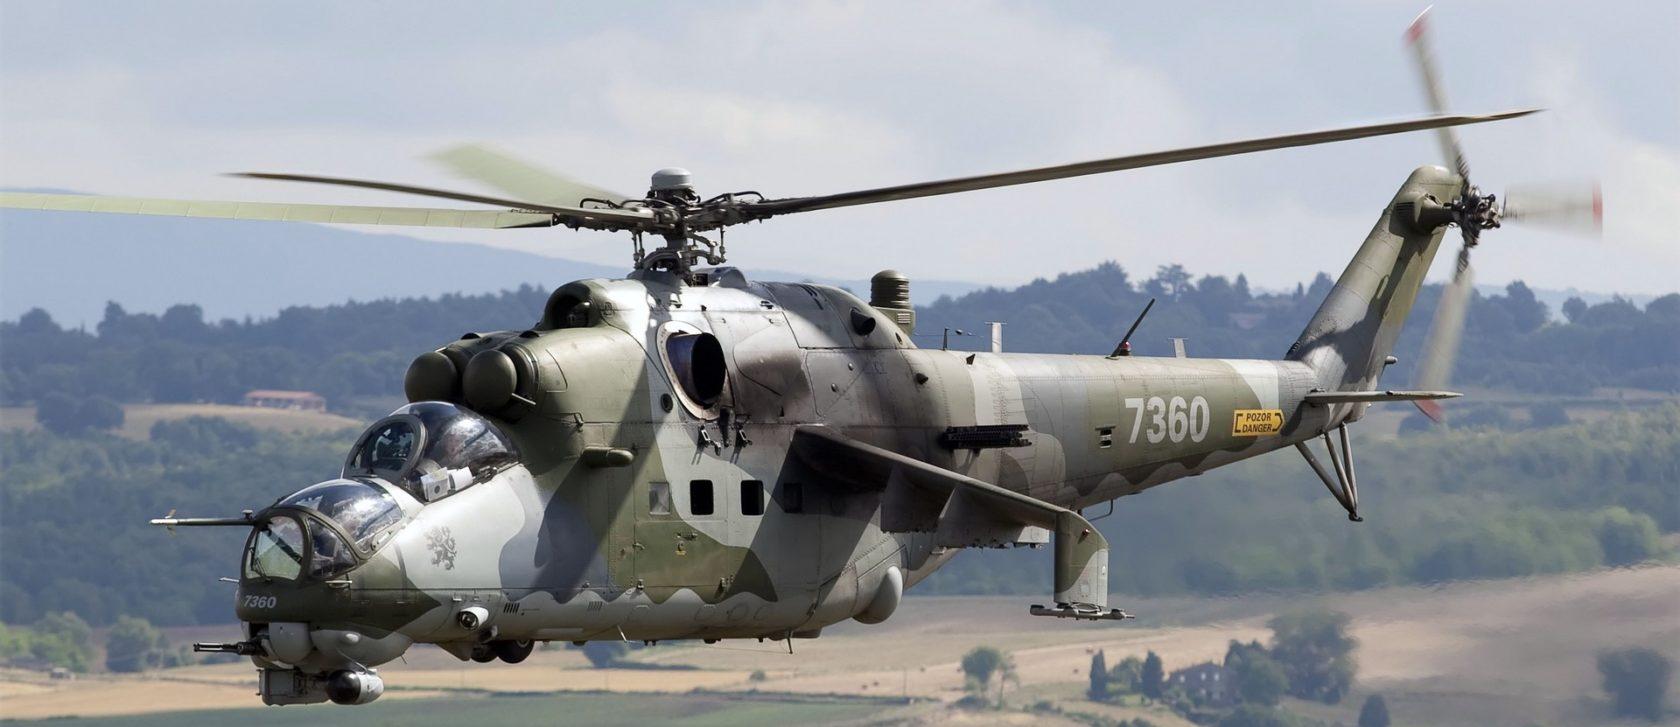 Современная авиационная и военная техника